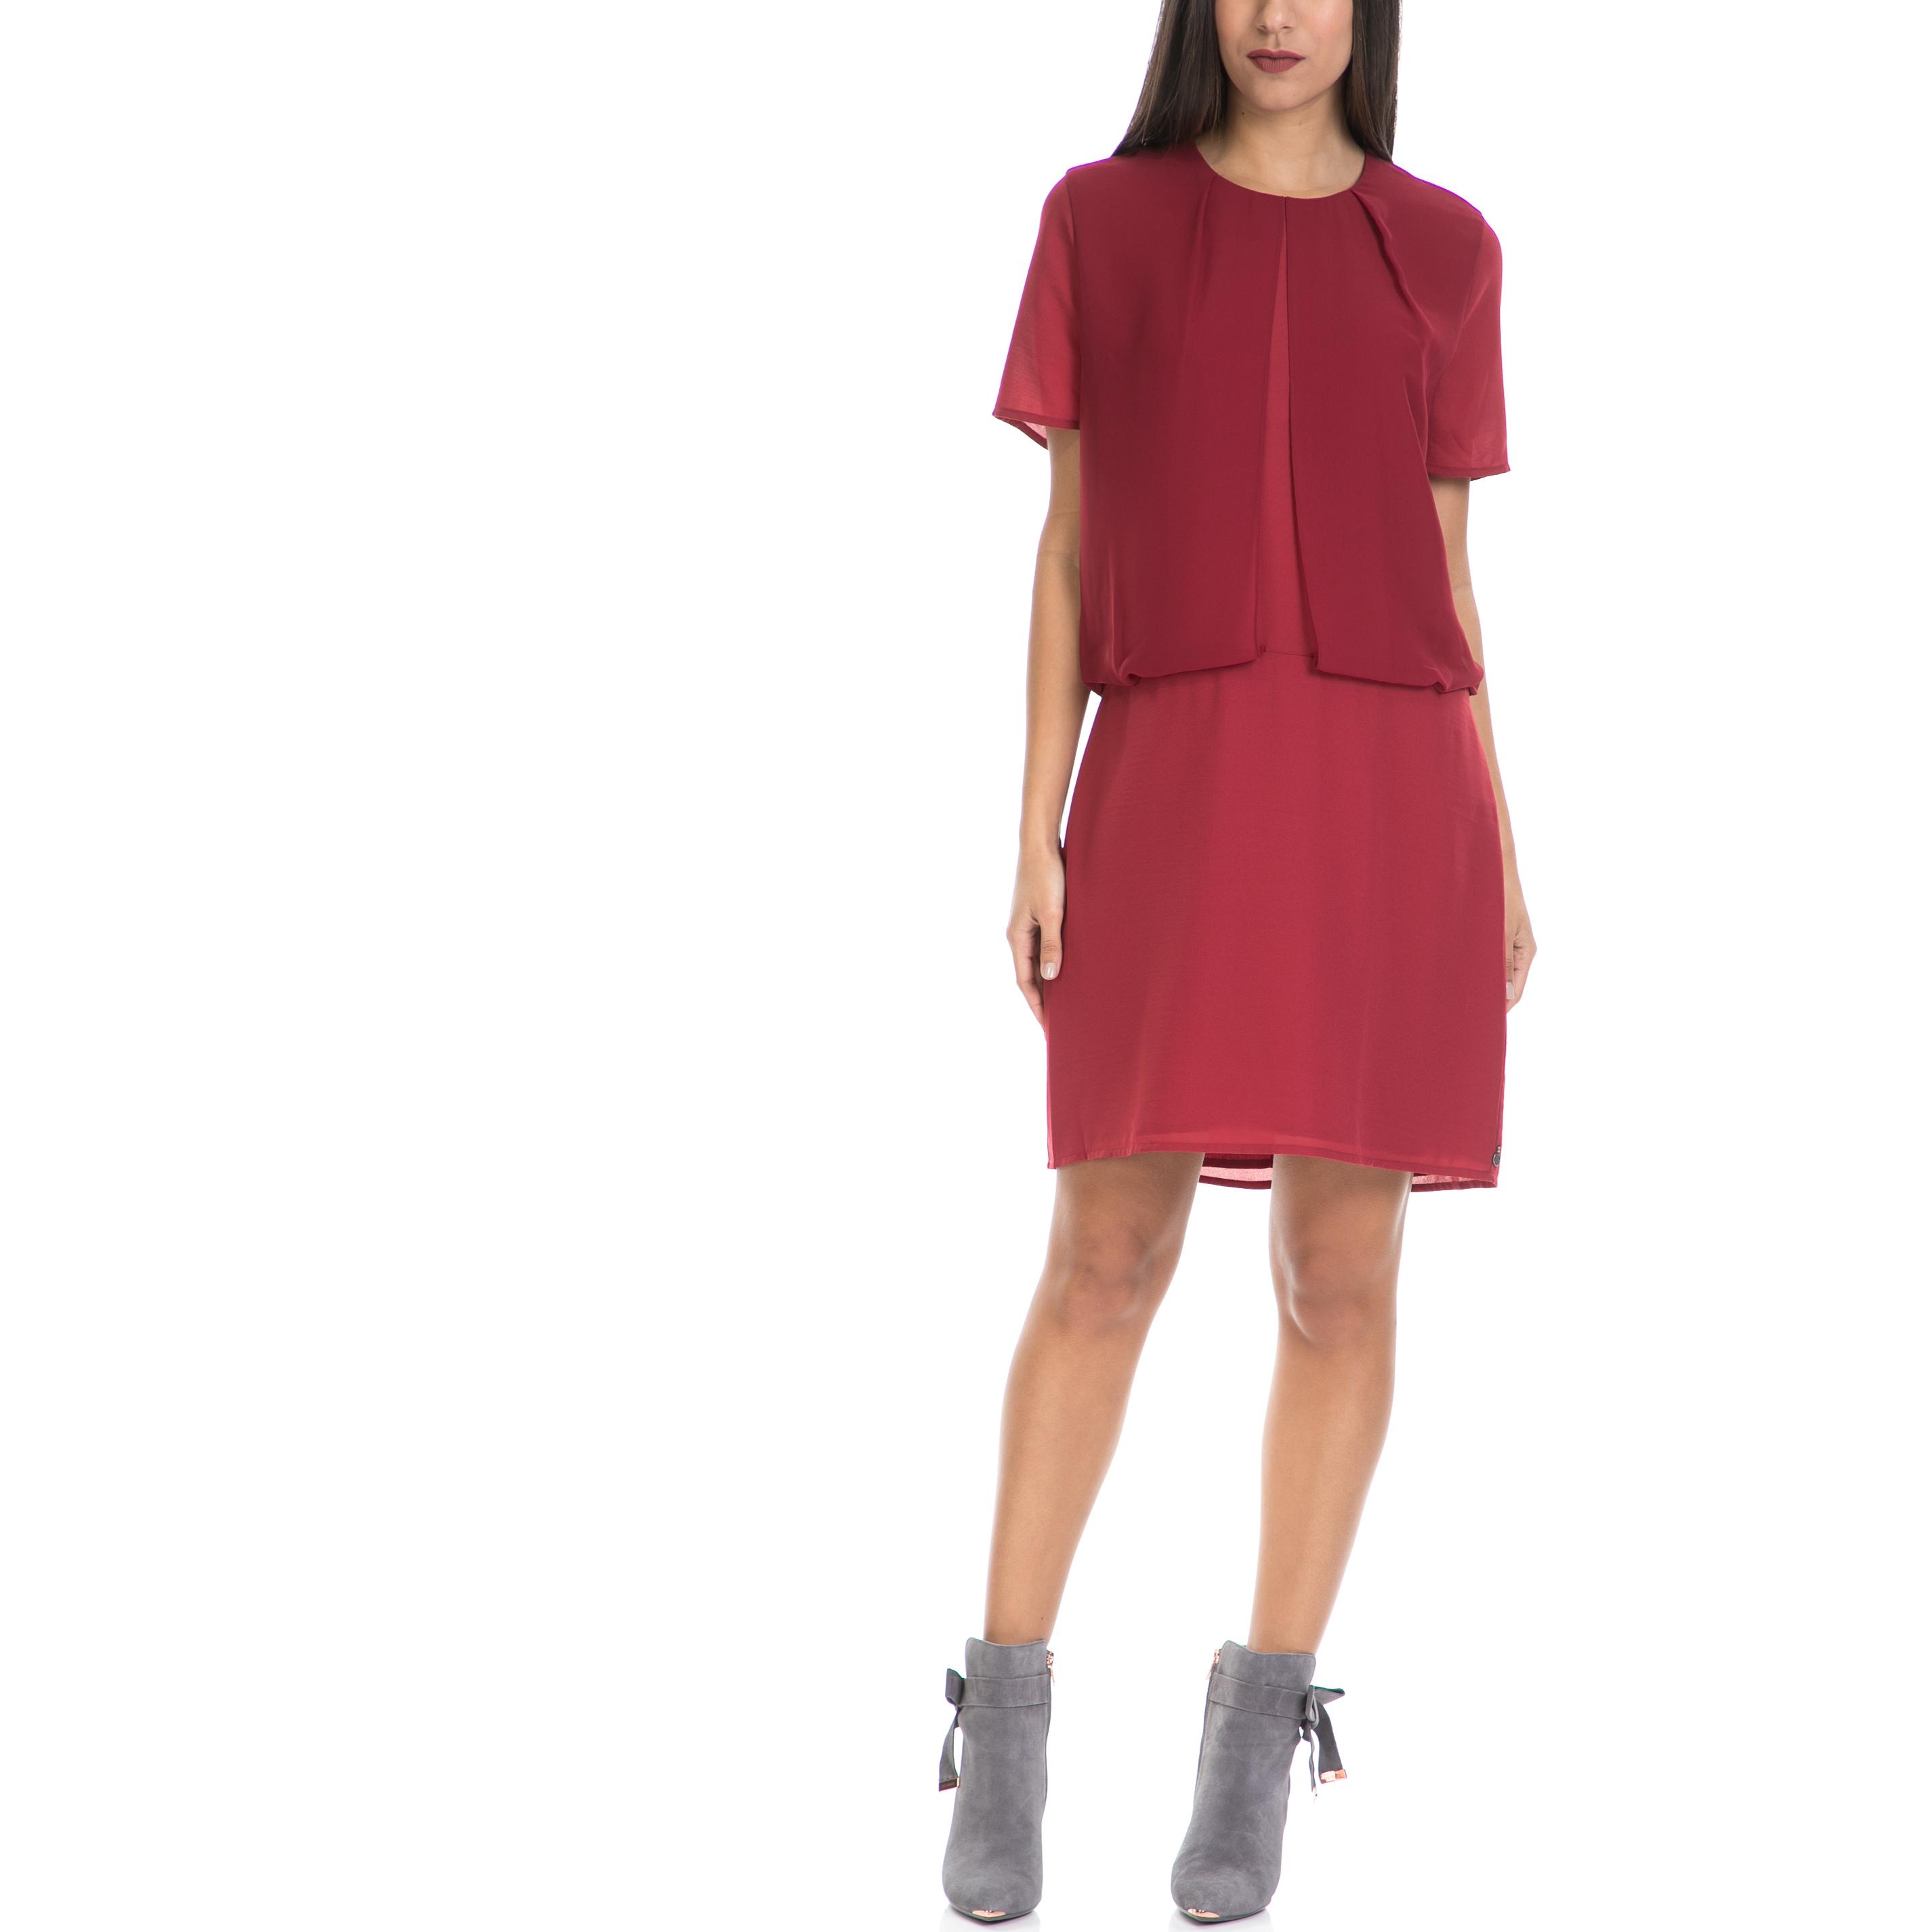 SCOTCH & SODA - Γυναικείο φόρεμα MAISON SCOTCH κόκκινο